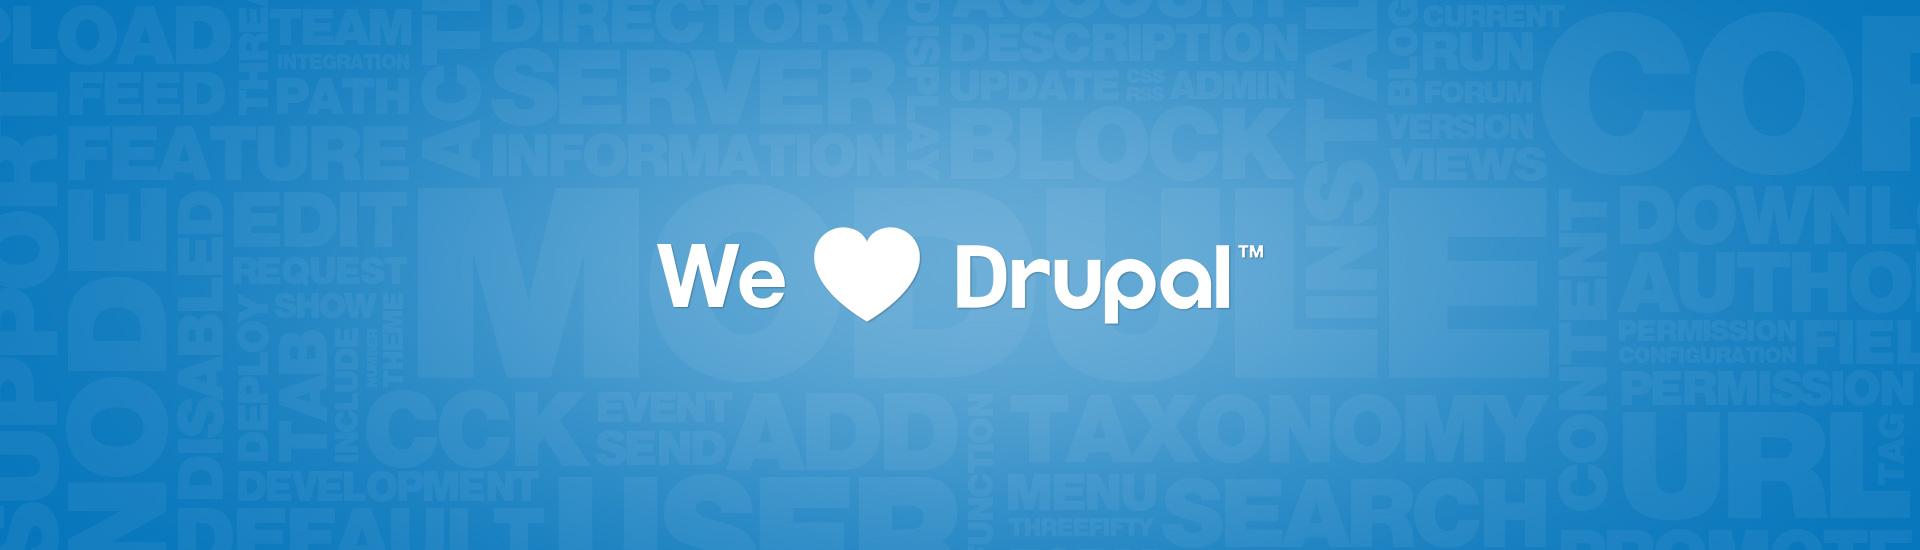 We Love Drupal